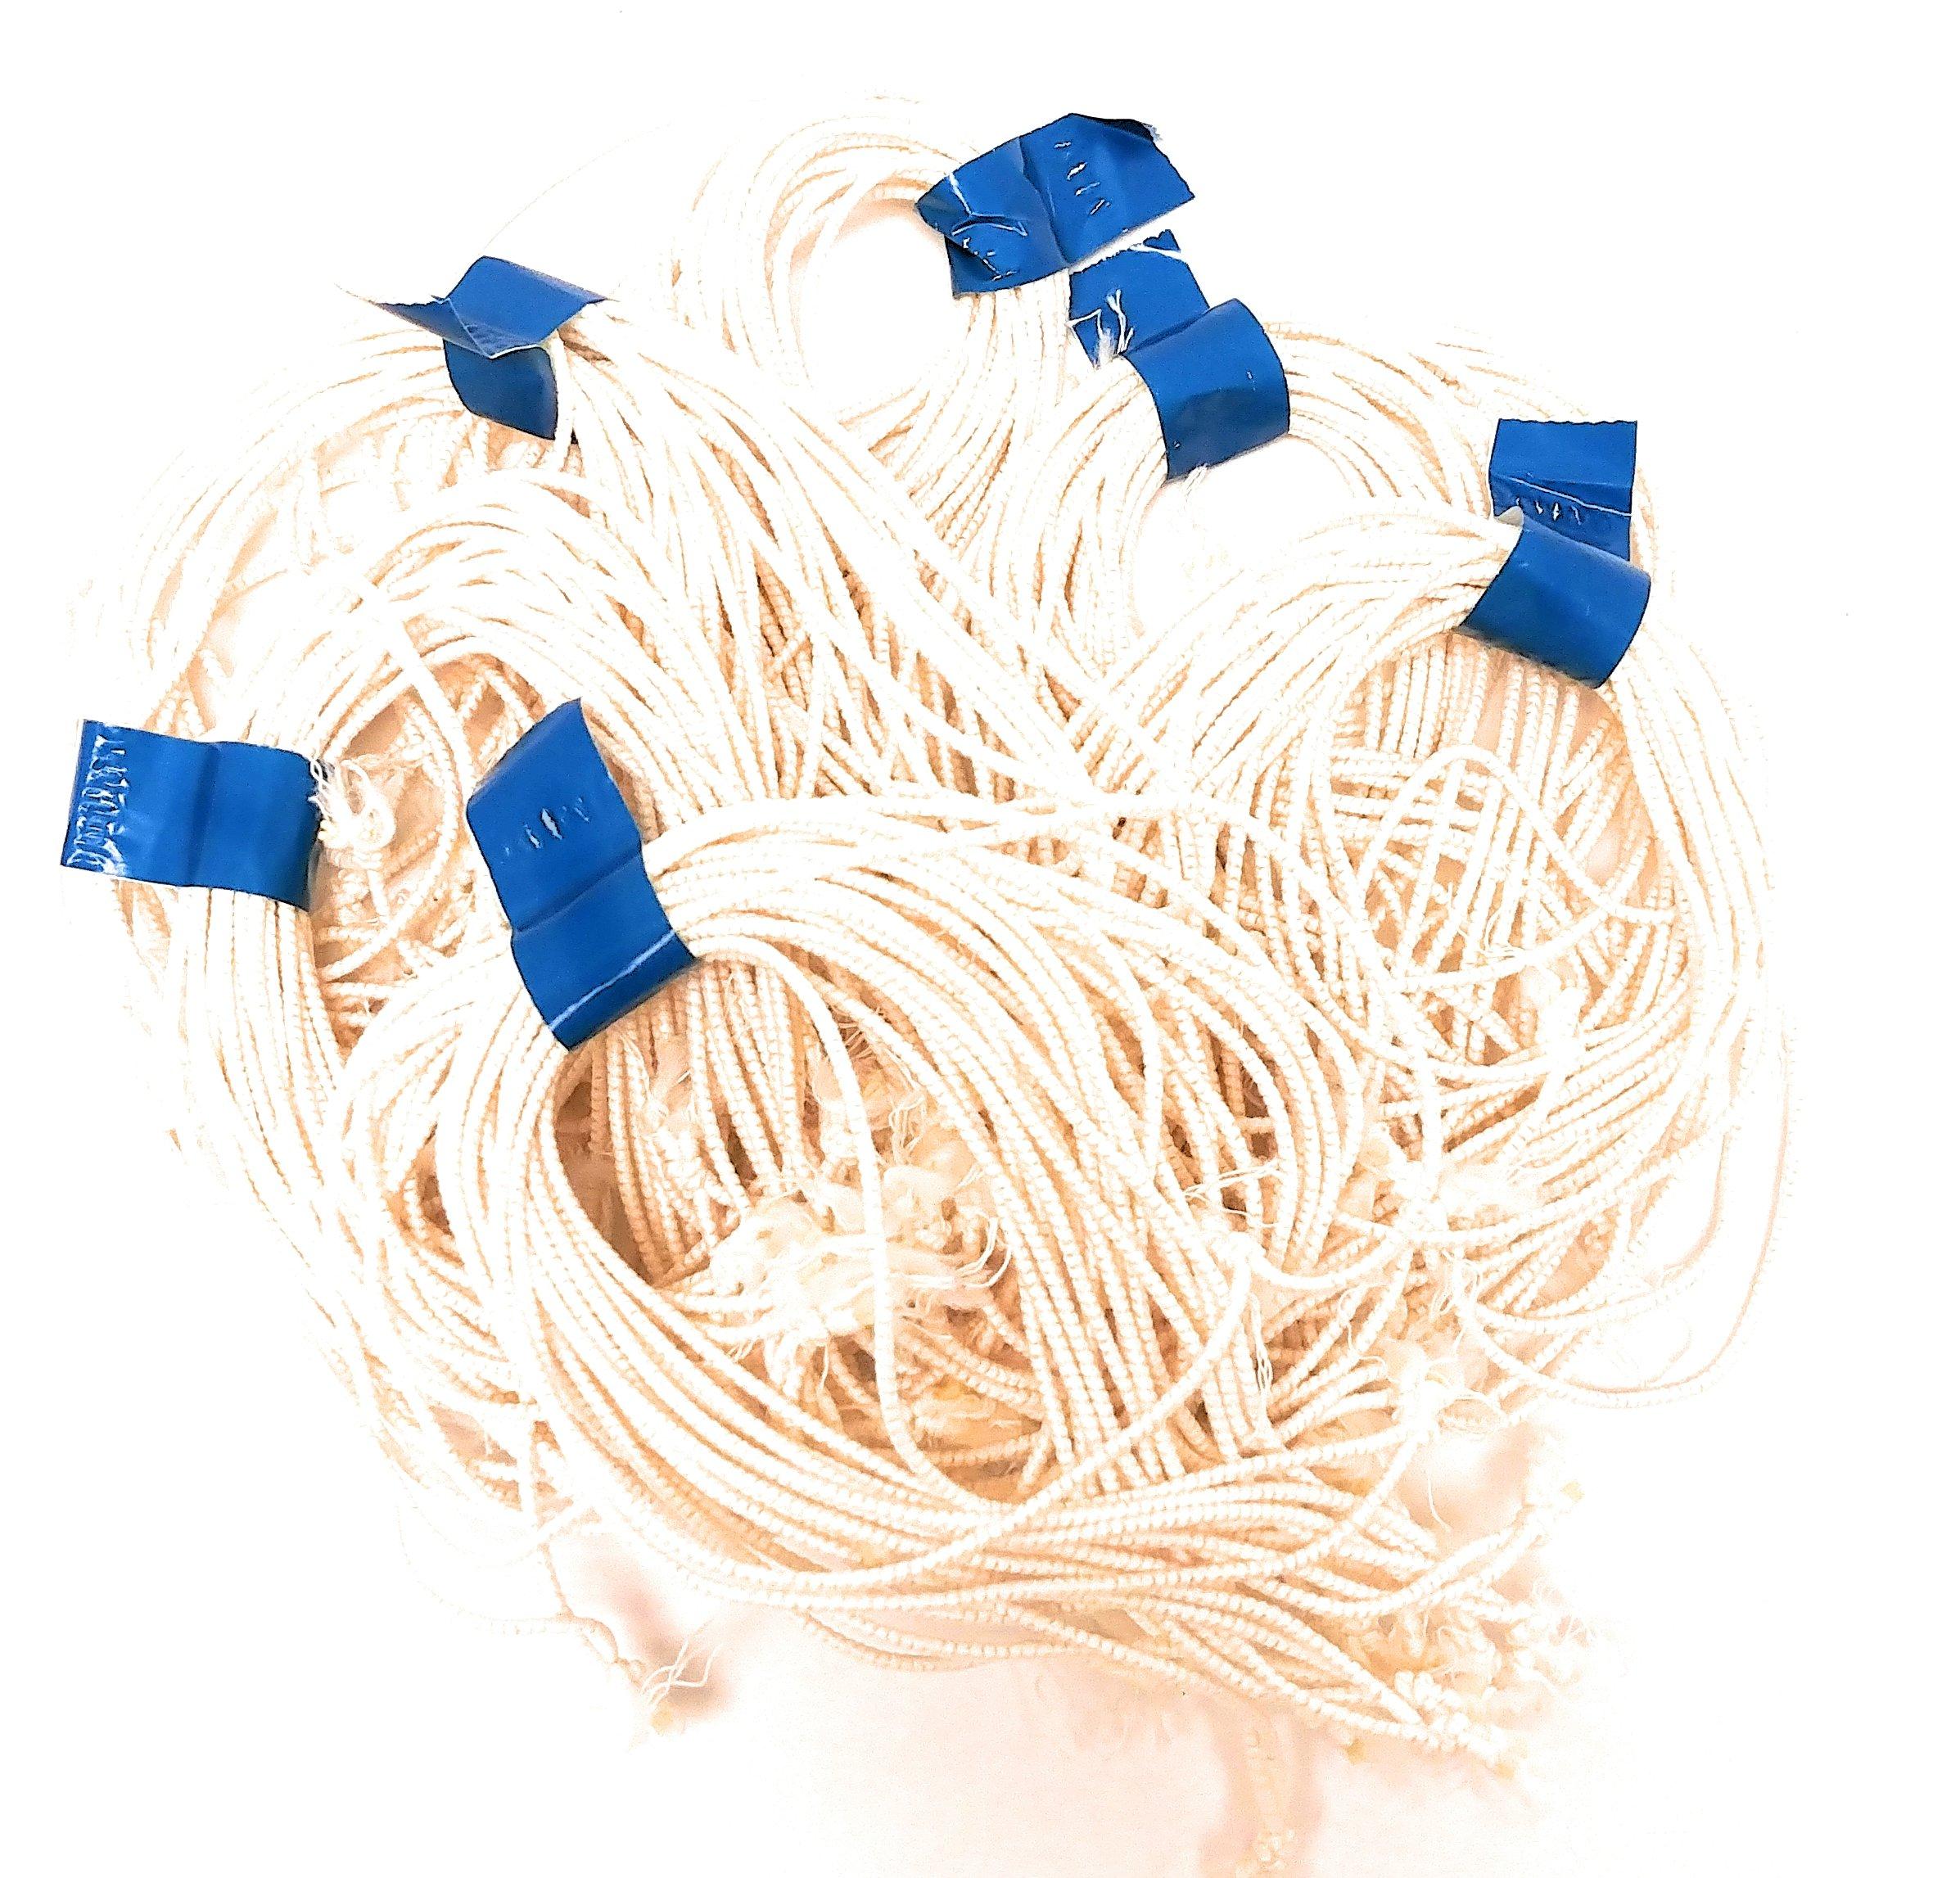 Clucker-Truss Elastic Gourmet Trussing Strings; 6 Inch White Heavy Duty; Bulk bag of 2,400 Ties (80 Bundles of 30/Bundle)